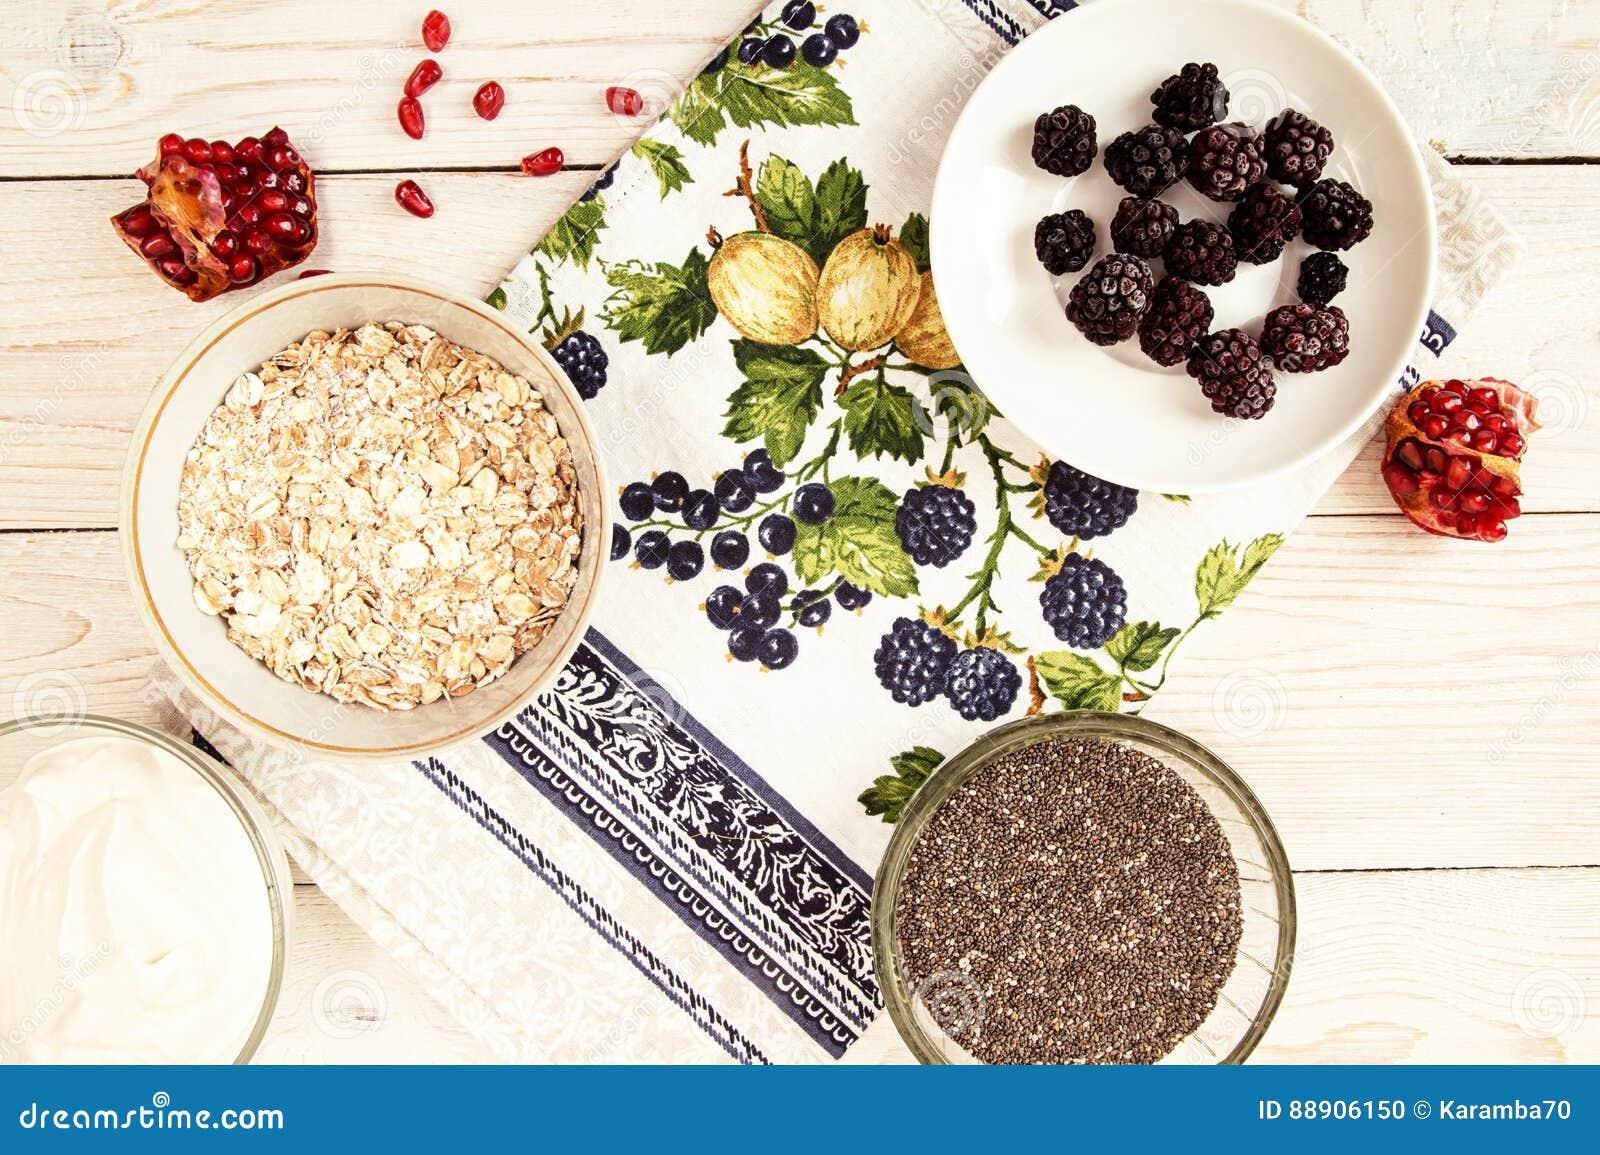 Ingrédient pour préparer le petit déjeuner sain : chia, muesli, congelé